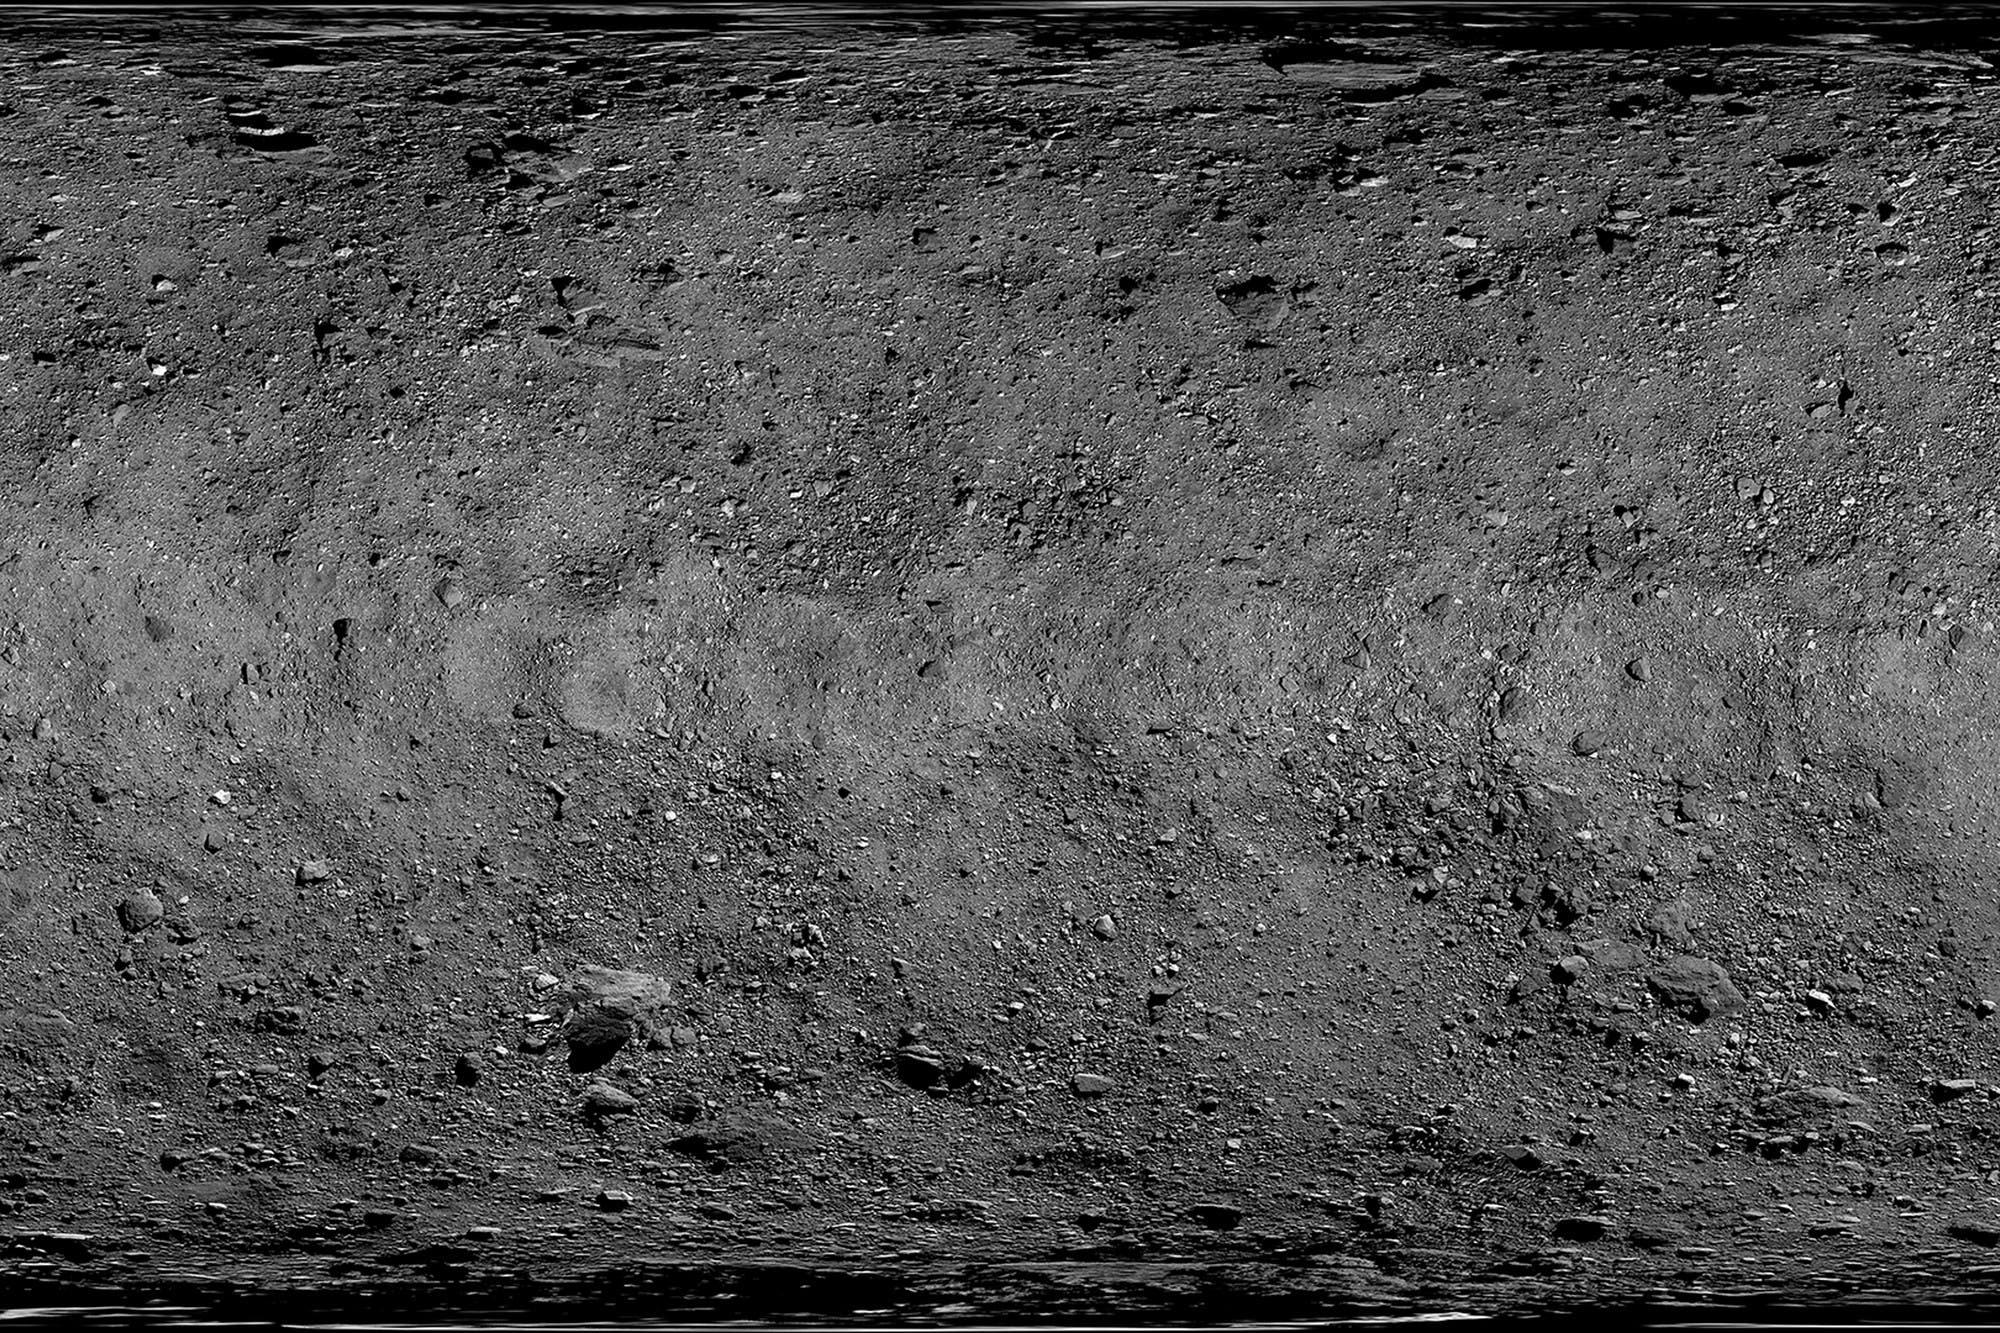 Esta es la impresionante foto de la NASA que creó un mapa digital del asteroide Bennu